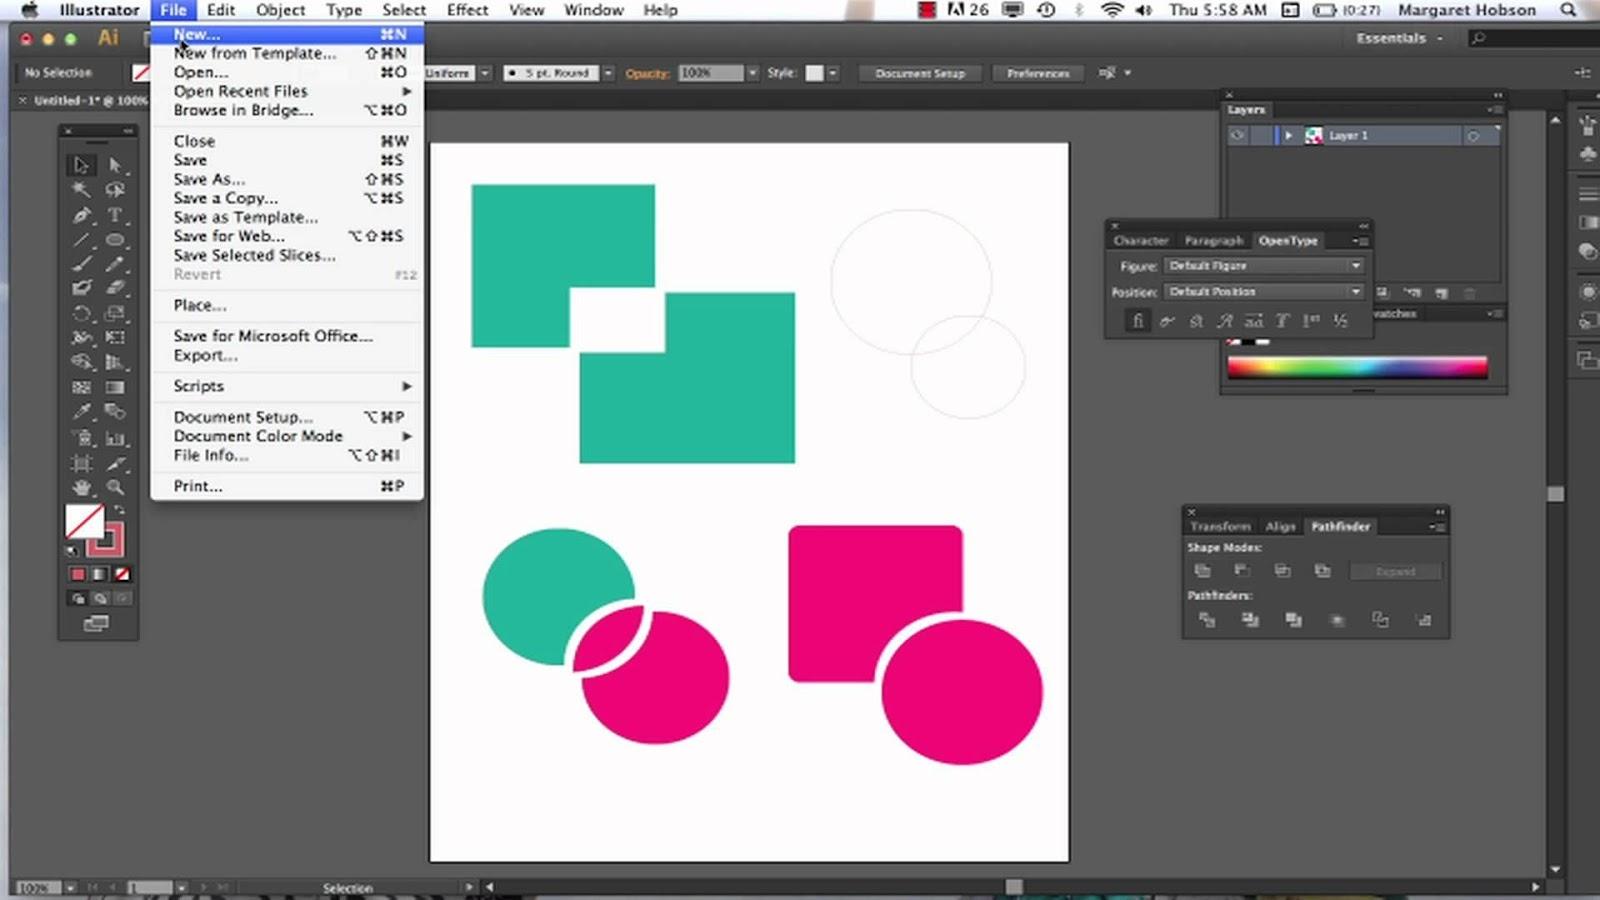 adobe illustrator 32 bit free download